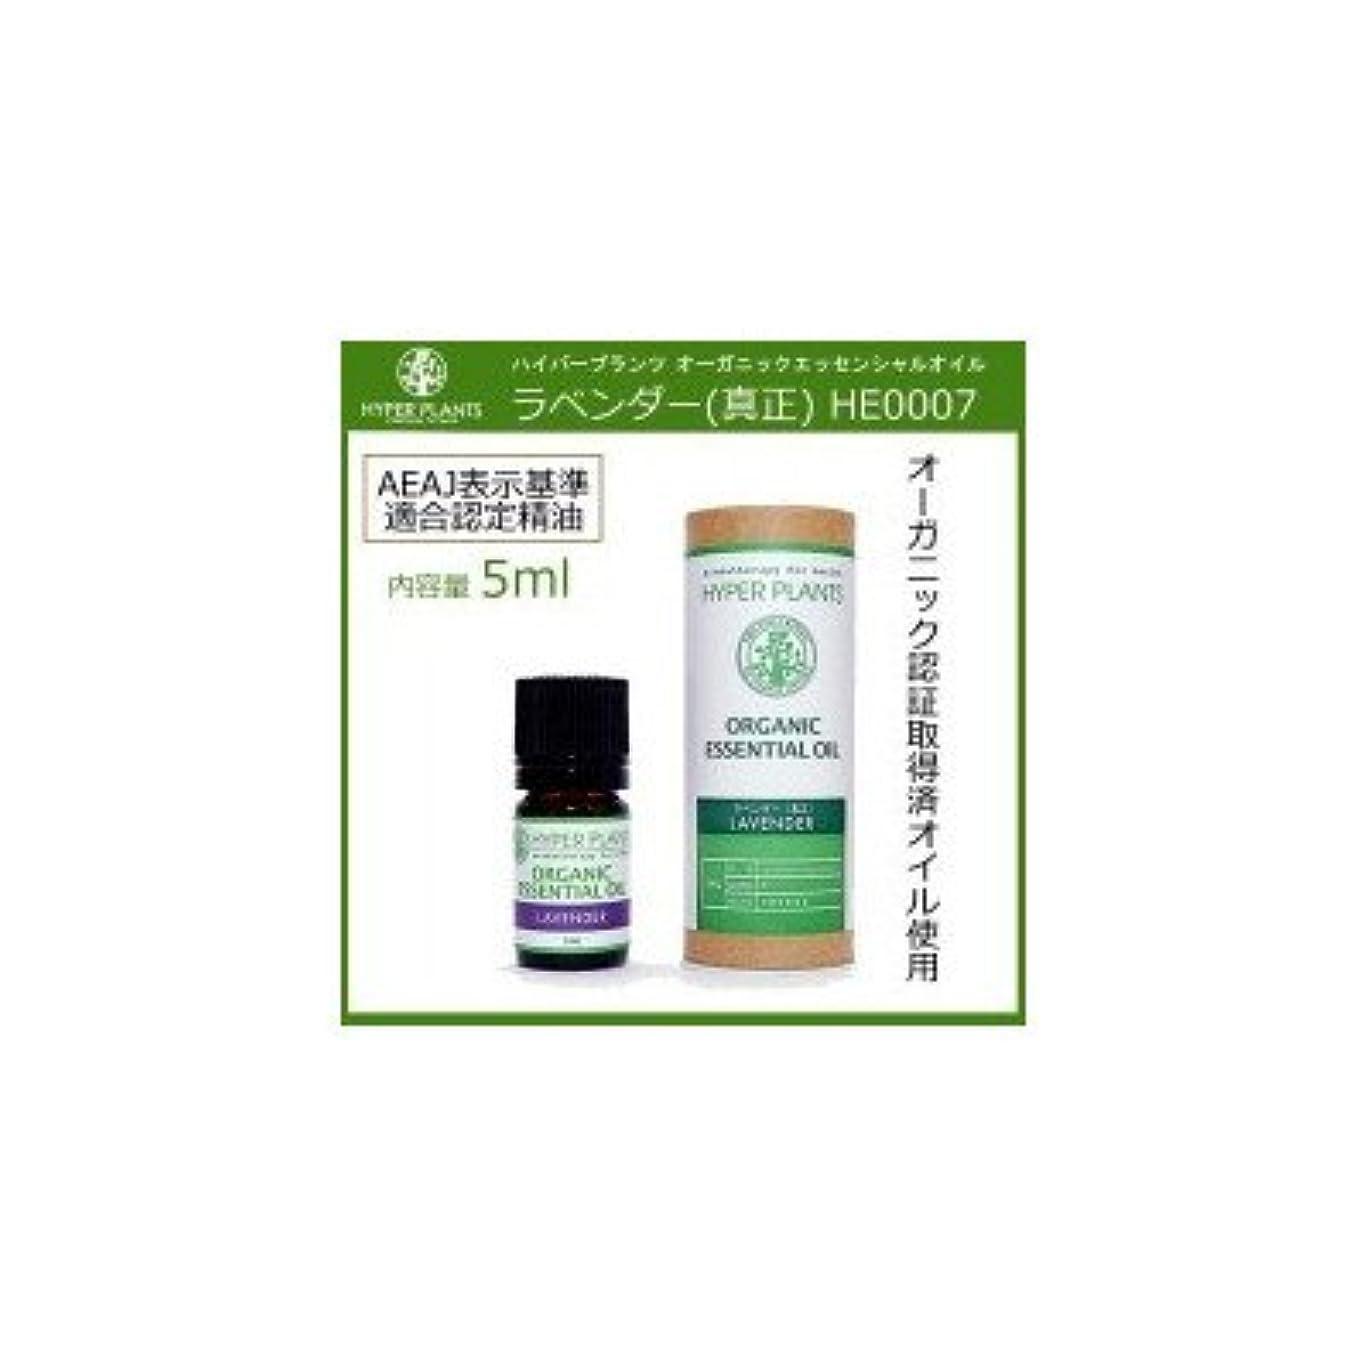 毎日の生活にアロマの香りを HYPER PLANTS ハイパープランツ オーガニックエッセンシャルオイル ラベンダー 真正 5ml HE0007